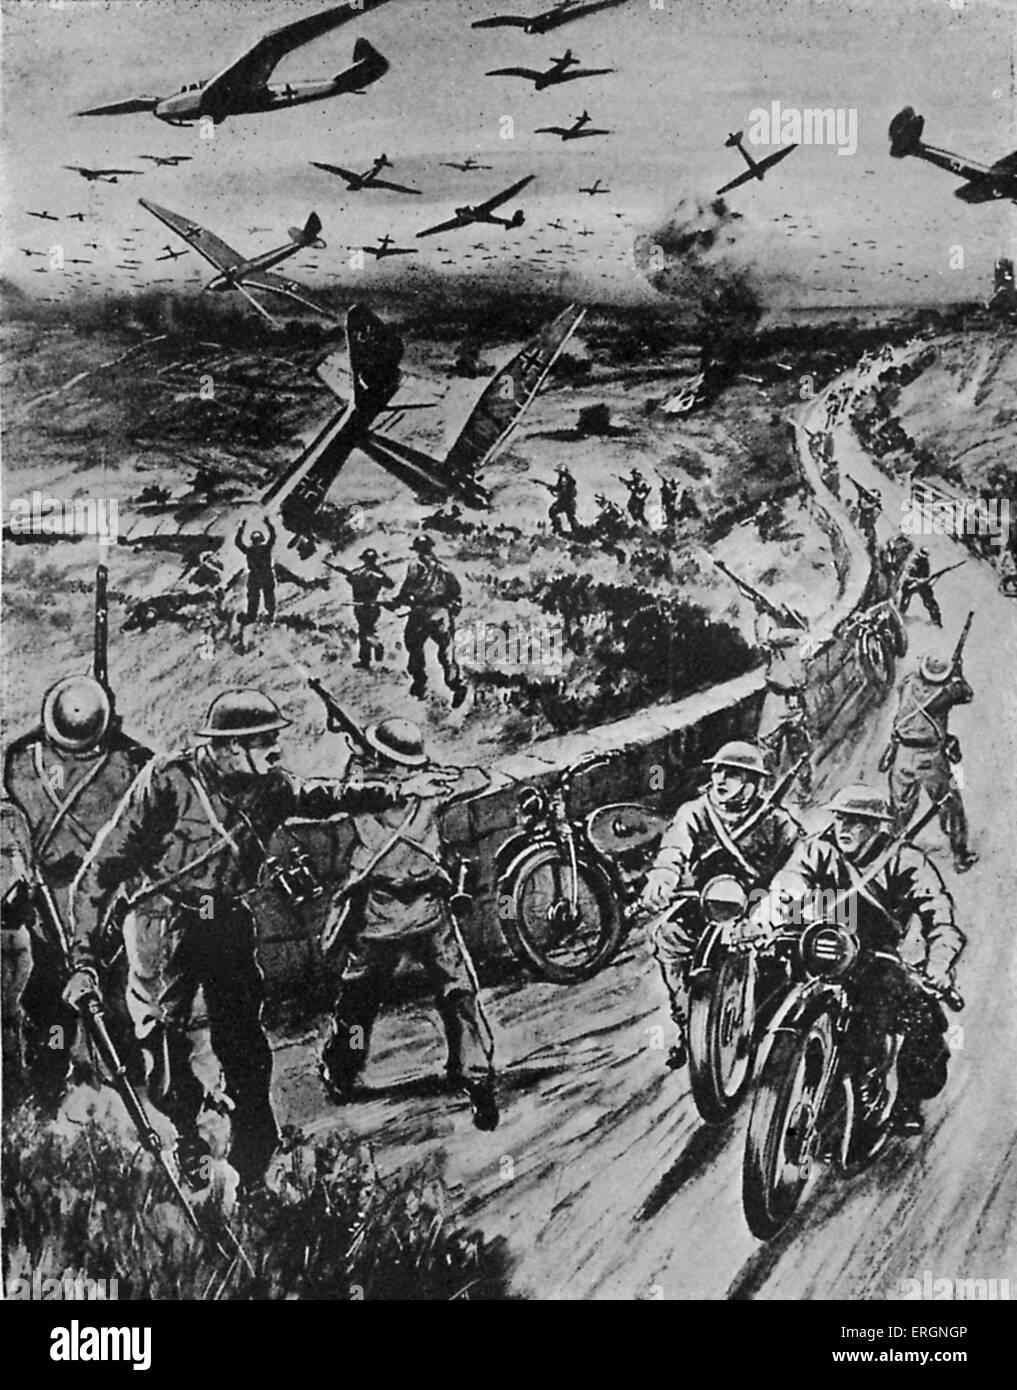 WW2 - Home Guard. Vue d'artiste de la façon dont les gardes à domicile serait de faire face à une invasion d'avions Banque D'Images